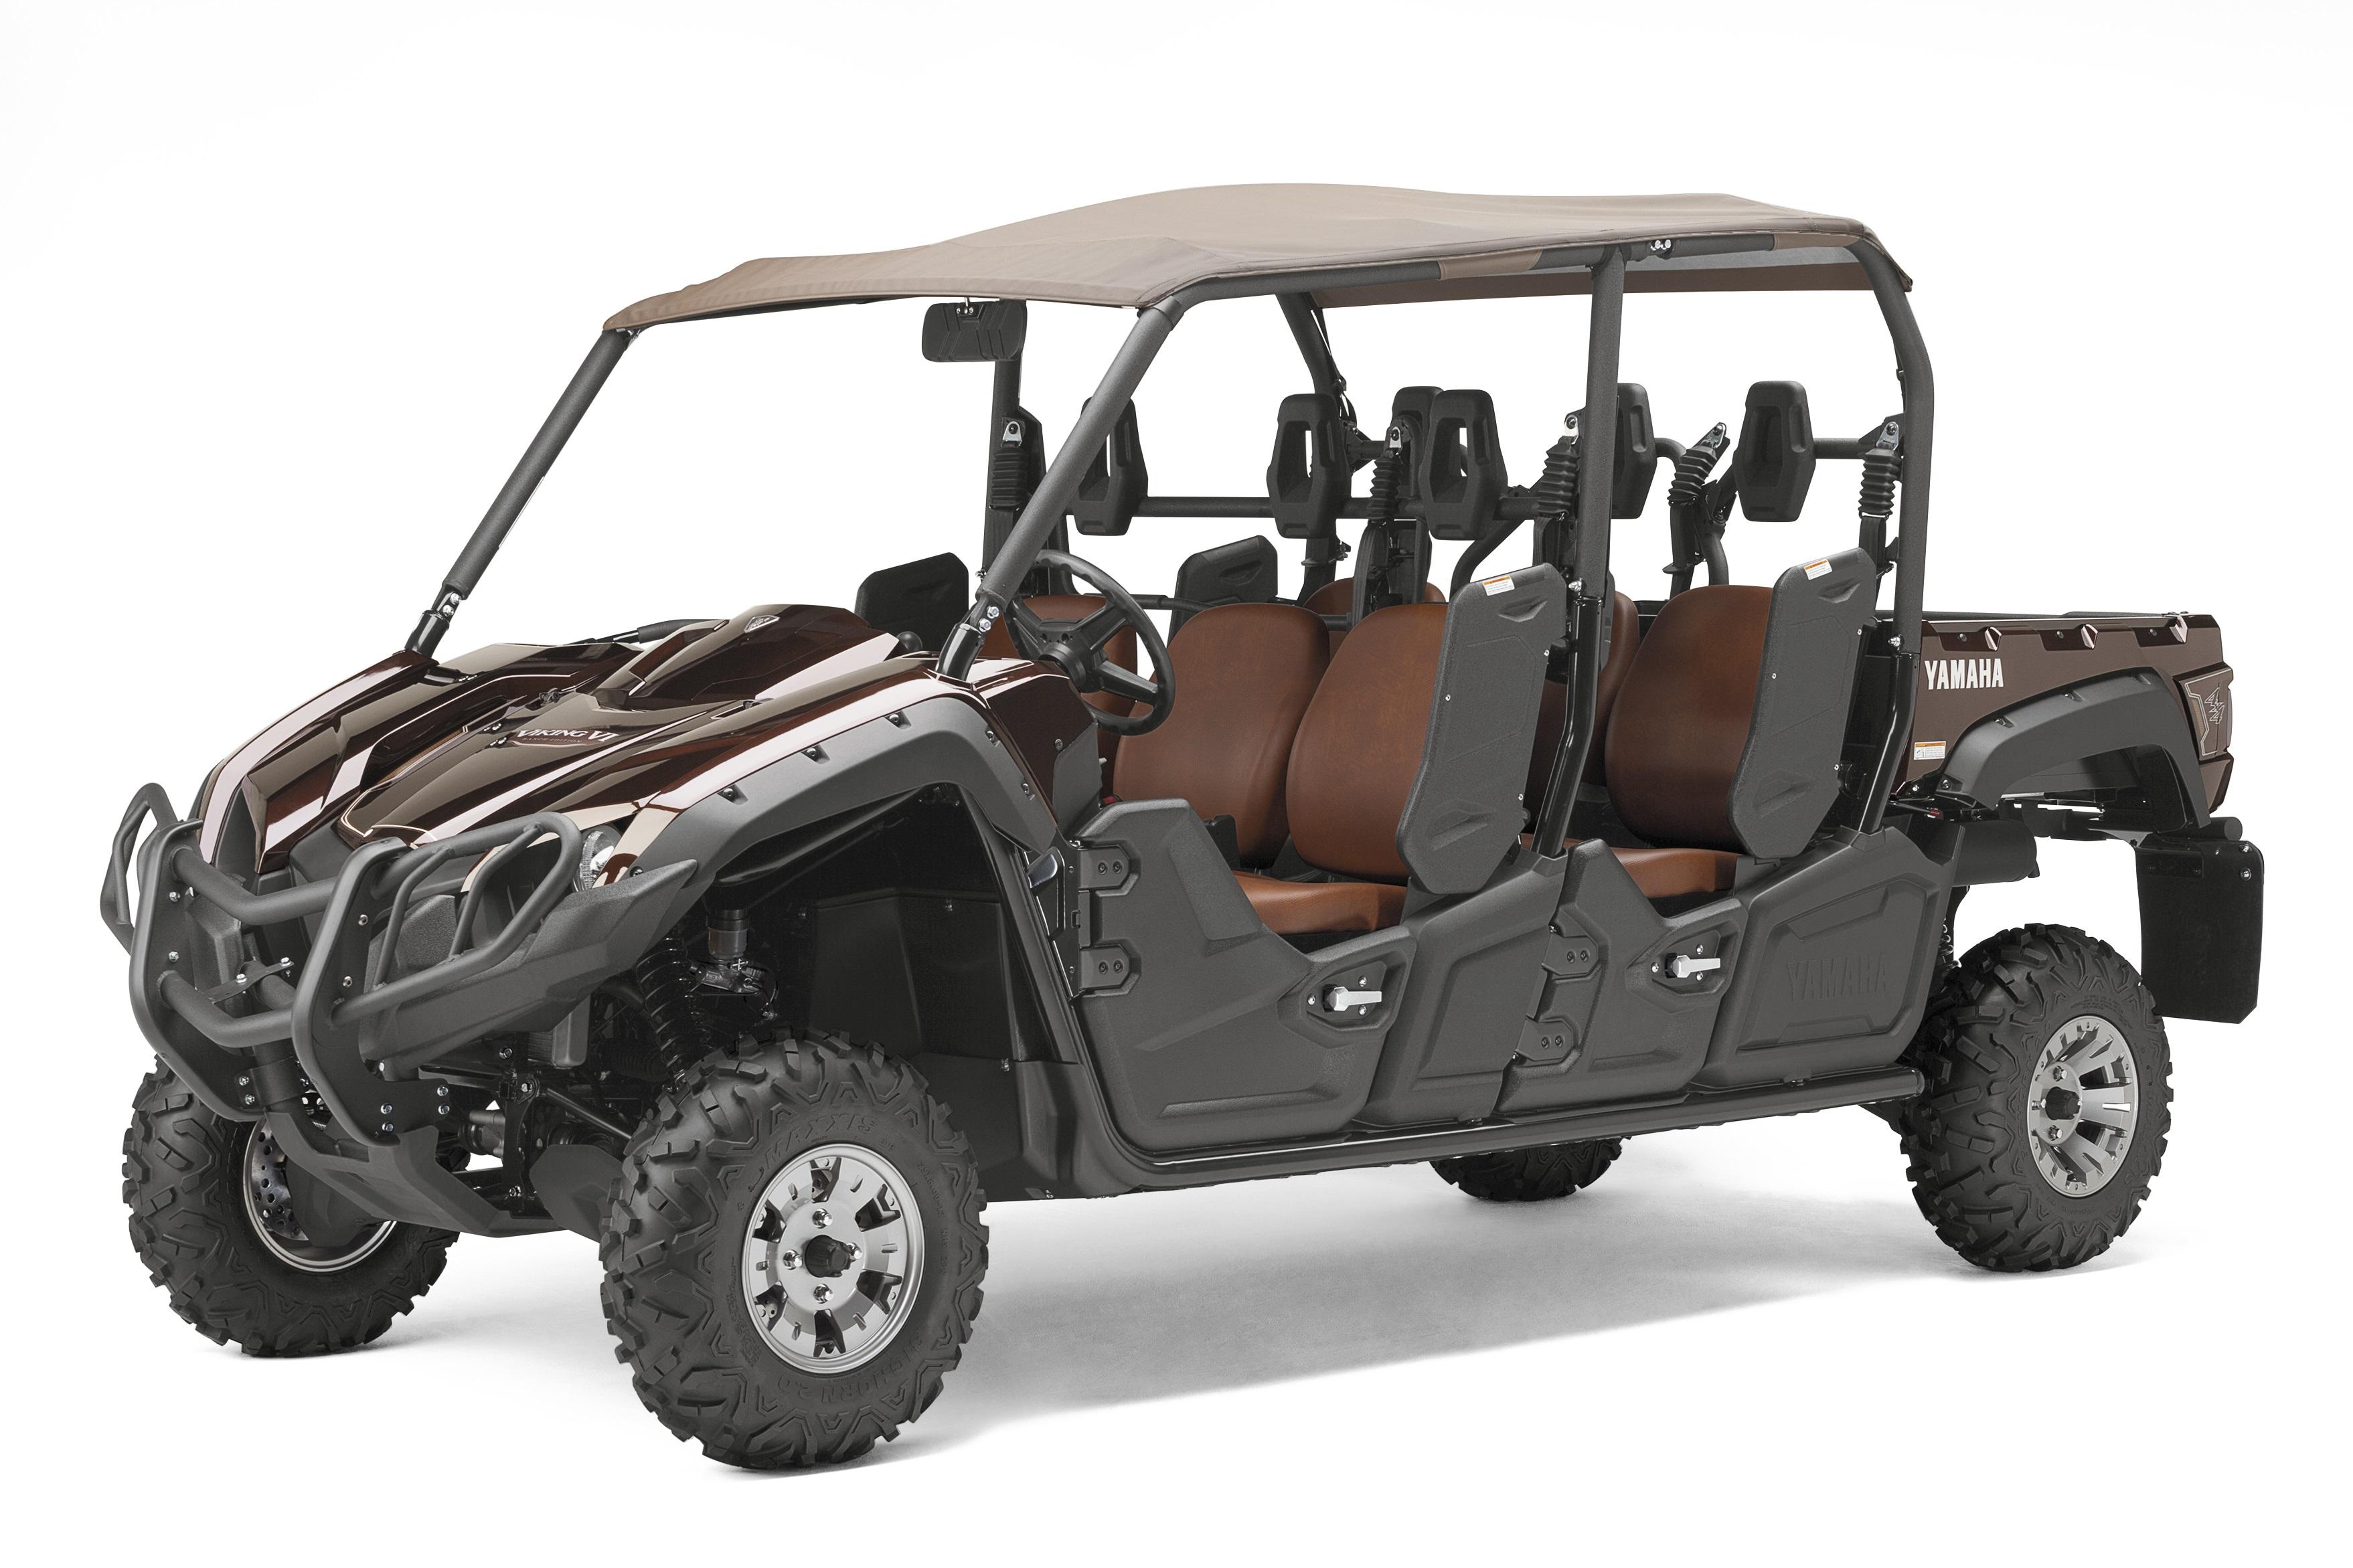 Yamaha Utility Vehicles For Sale